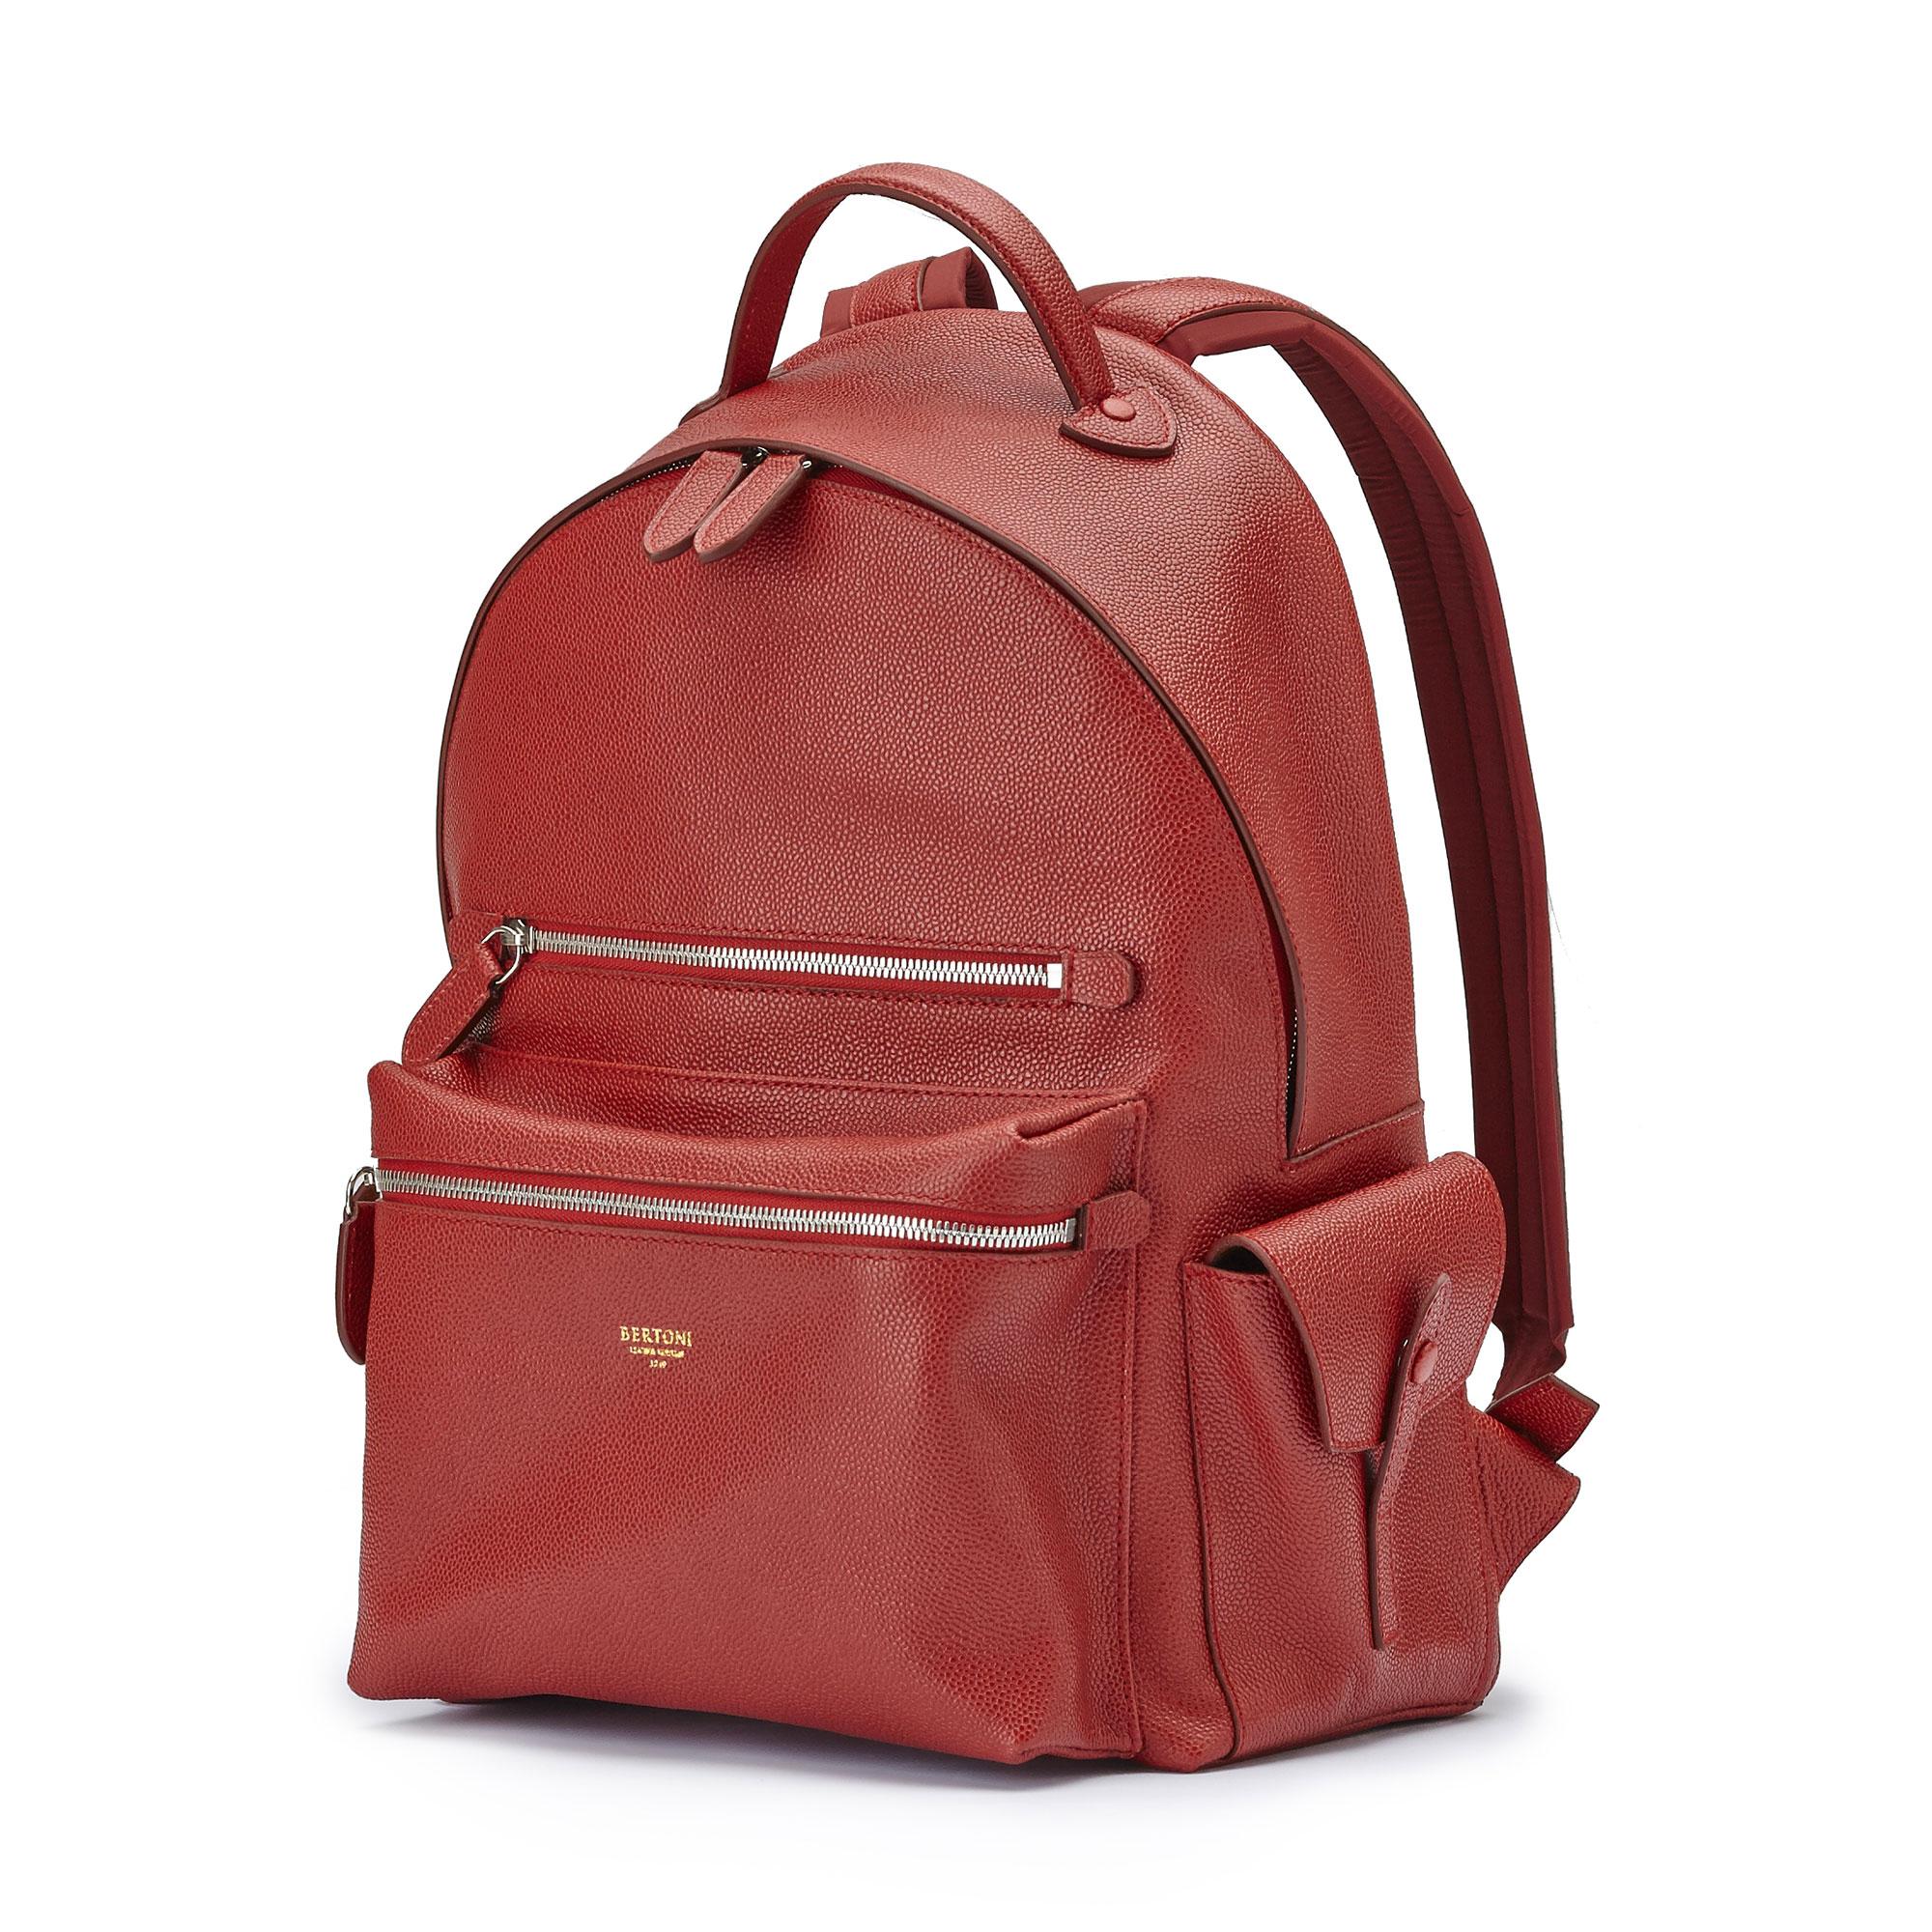 The red grain calf Zip Backpack by Bertoni 1949 02